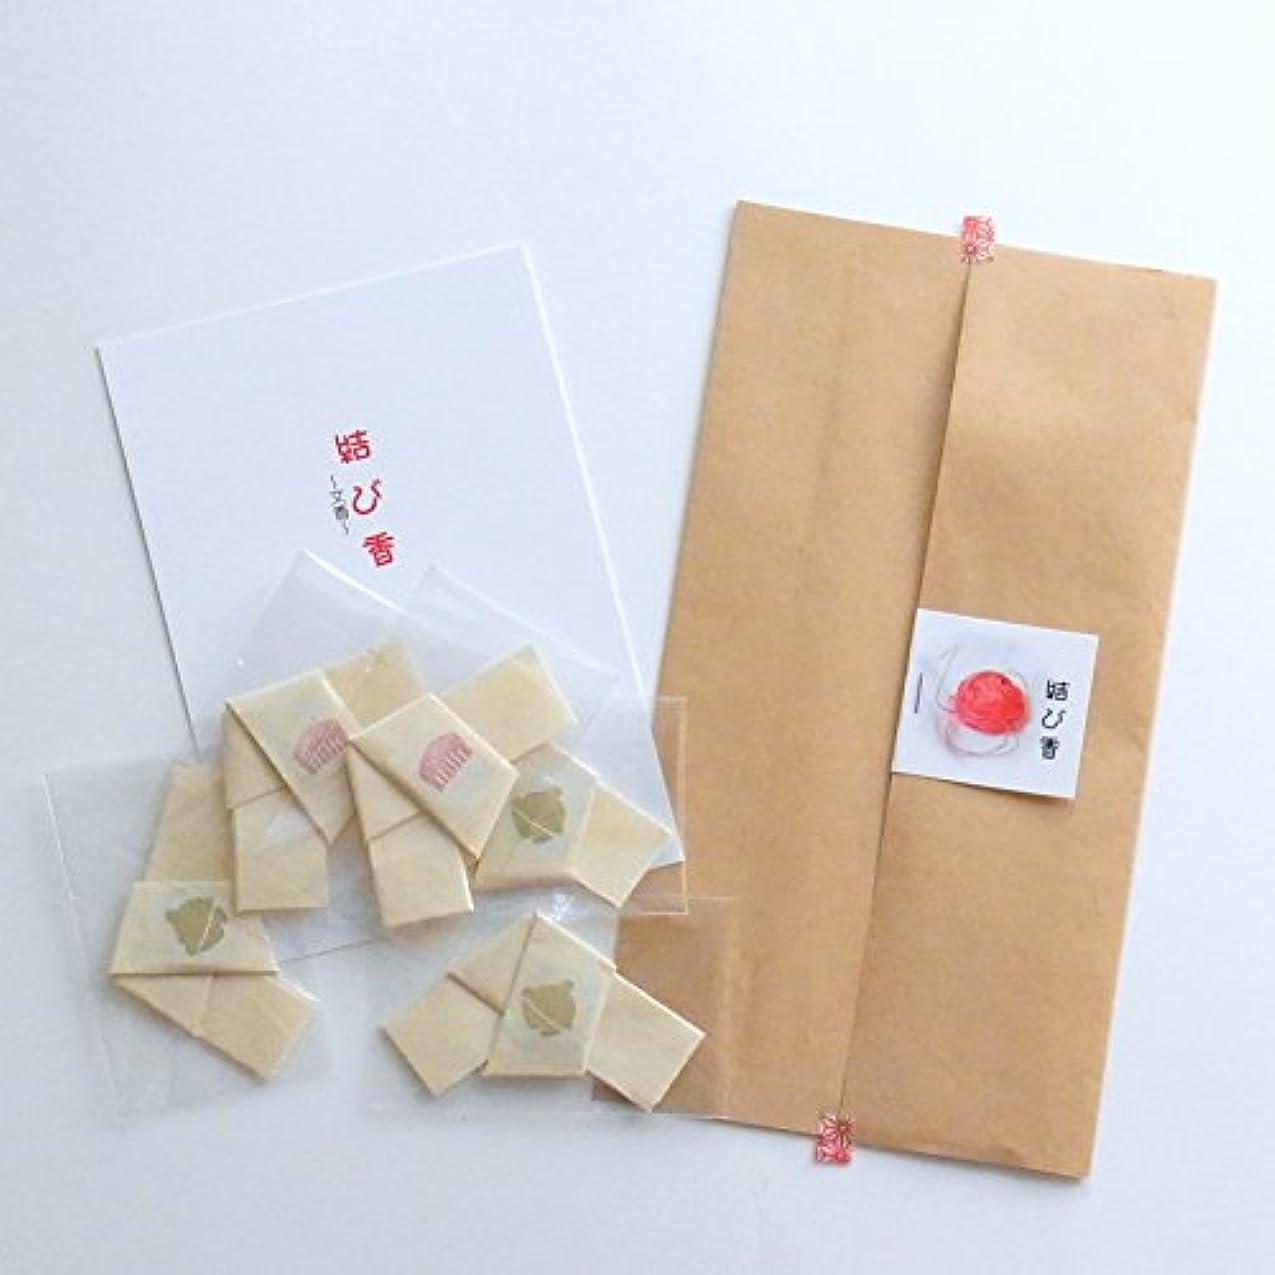 ナース溶岩生命体手紙に添えたり、バッグにしのばせてご縁を結ぶ【結び香】